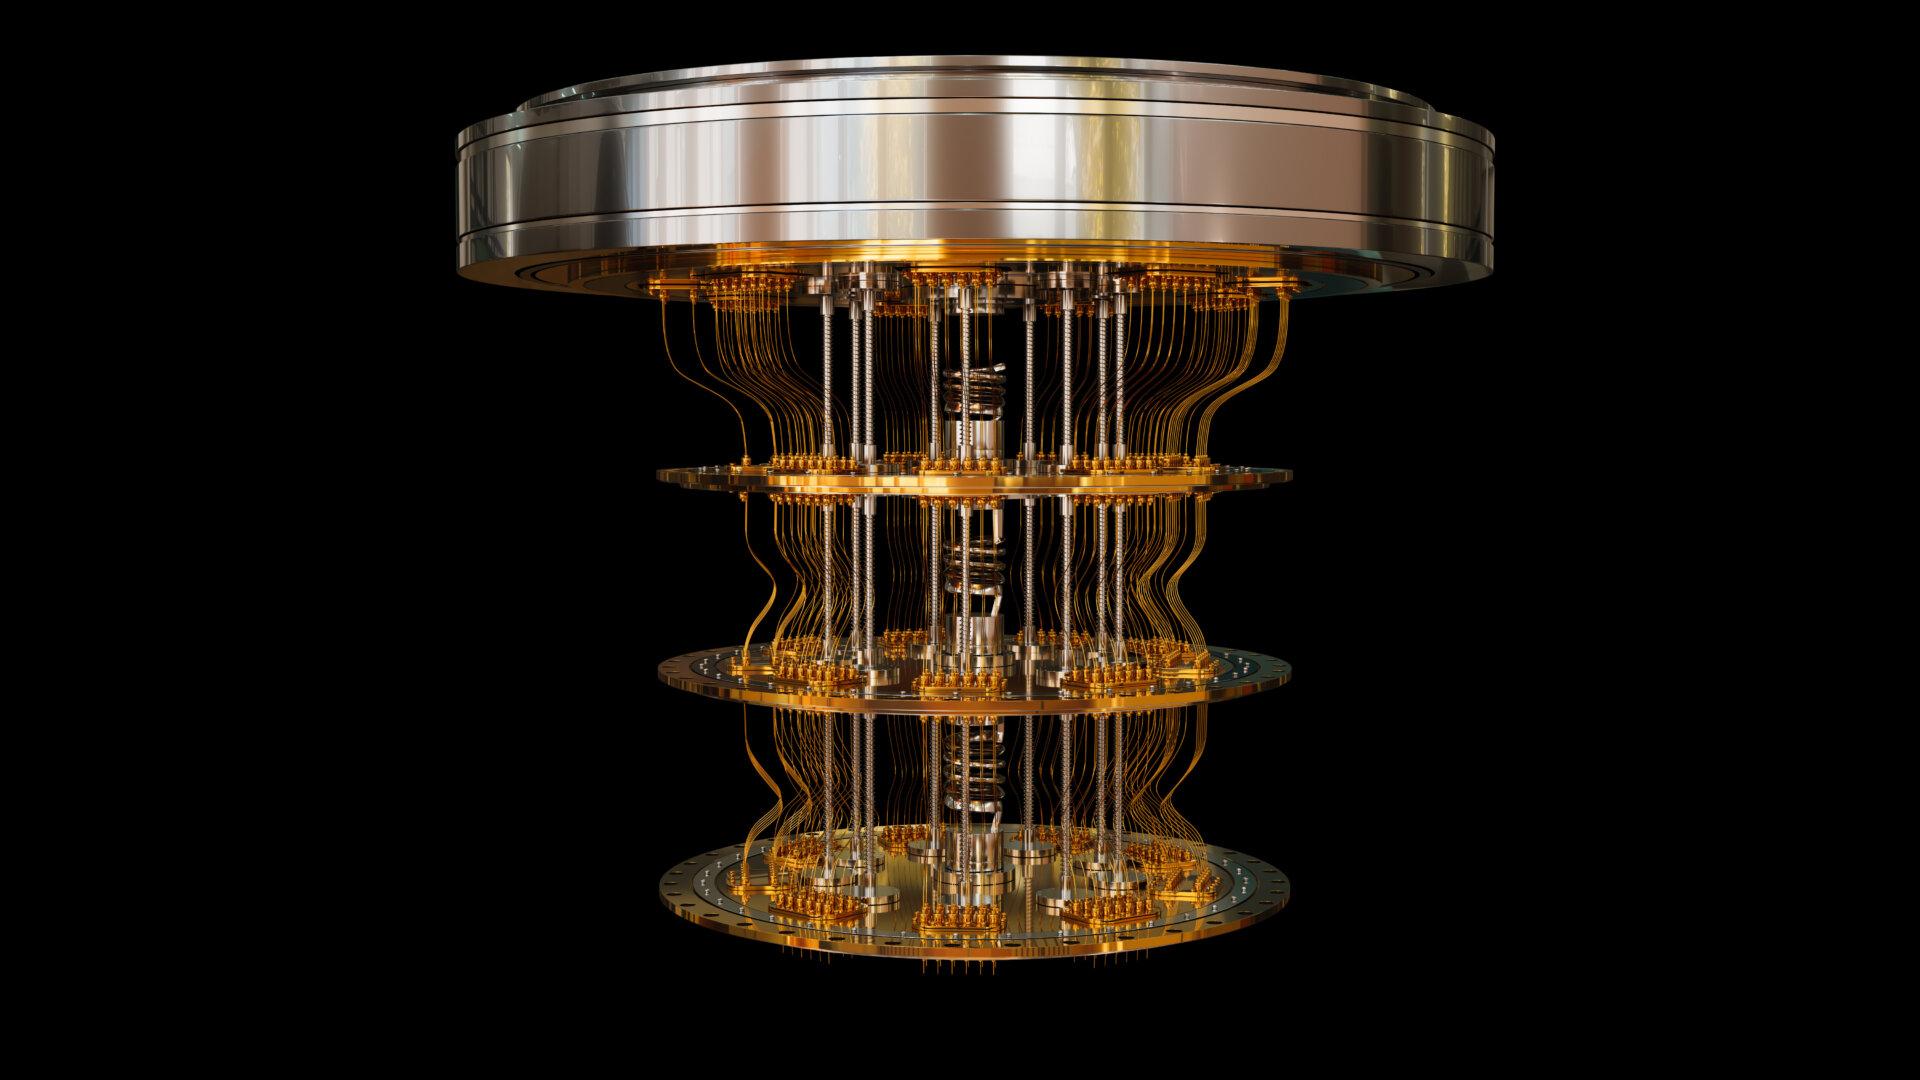 ついに量子金融システムへの転換が本格化へ!フジテレビの外資法違反報道でマスコミ終了!